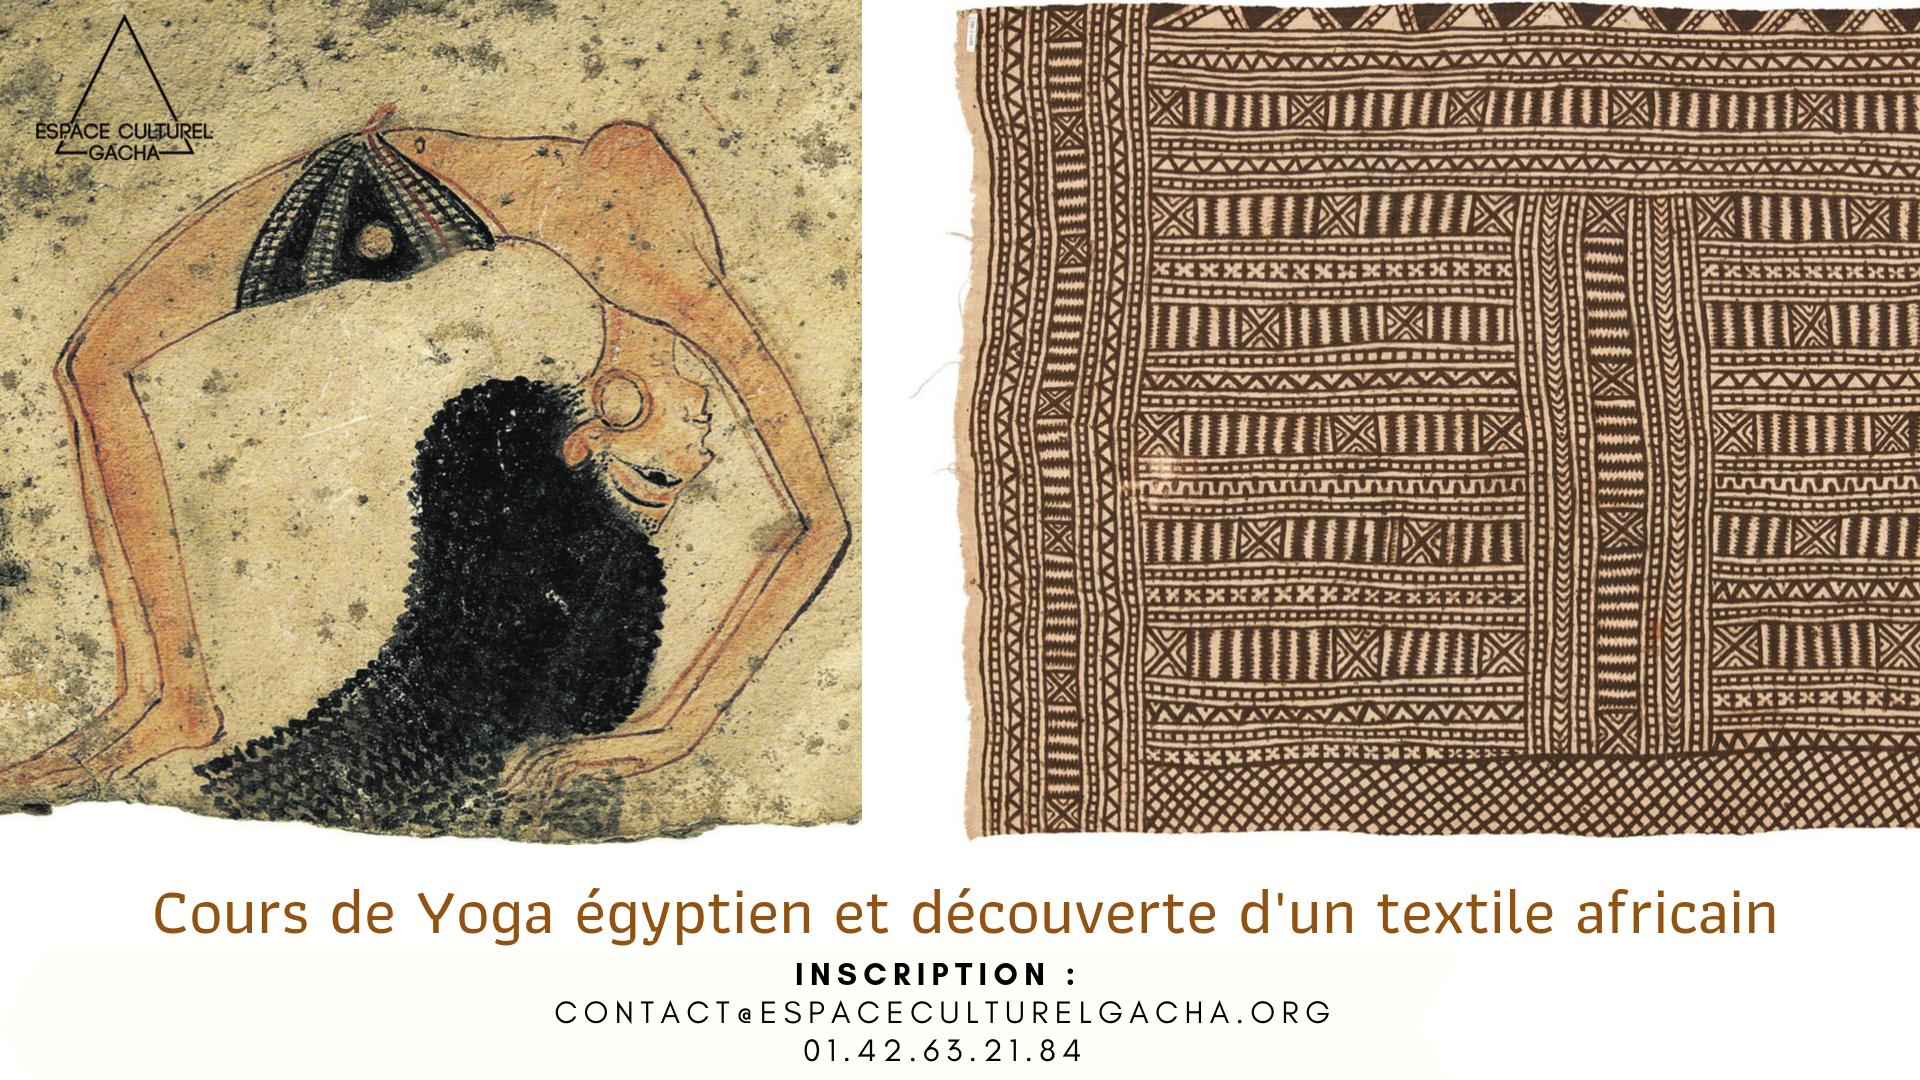 Frames : cultural yoga classes of Gacha Cultural Space